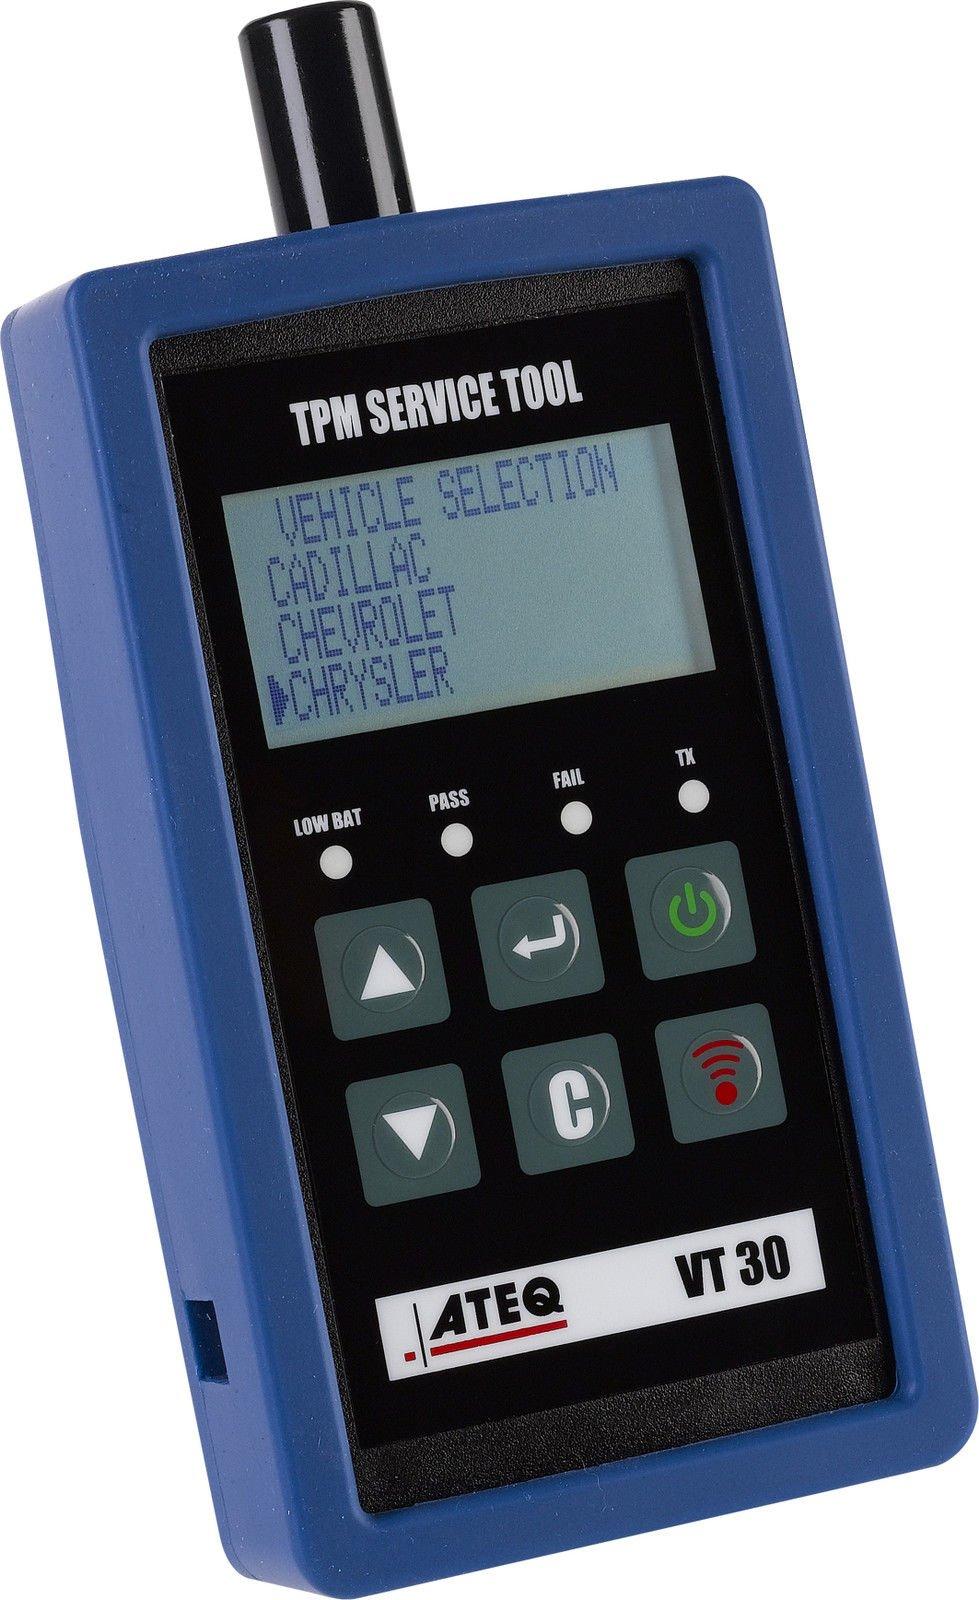 ATEQ VT30-0000 Sensor Activation Tool